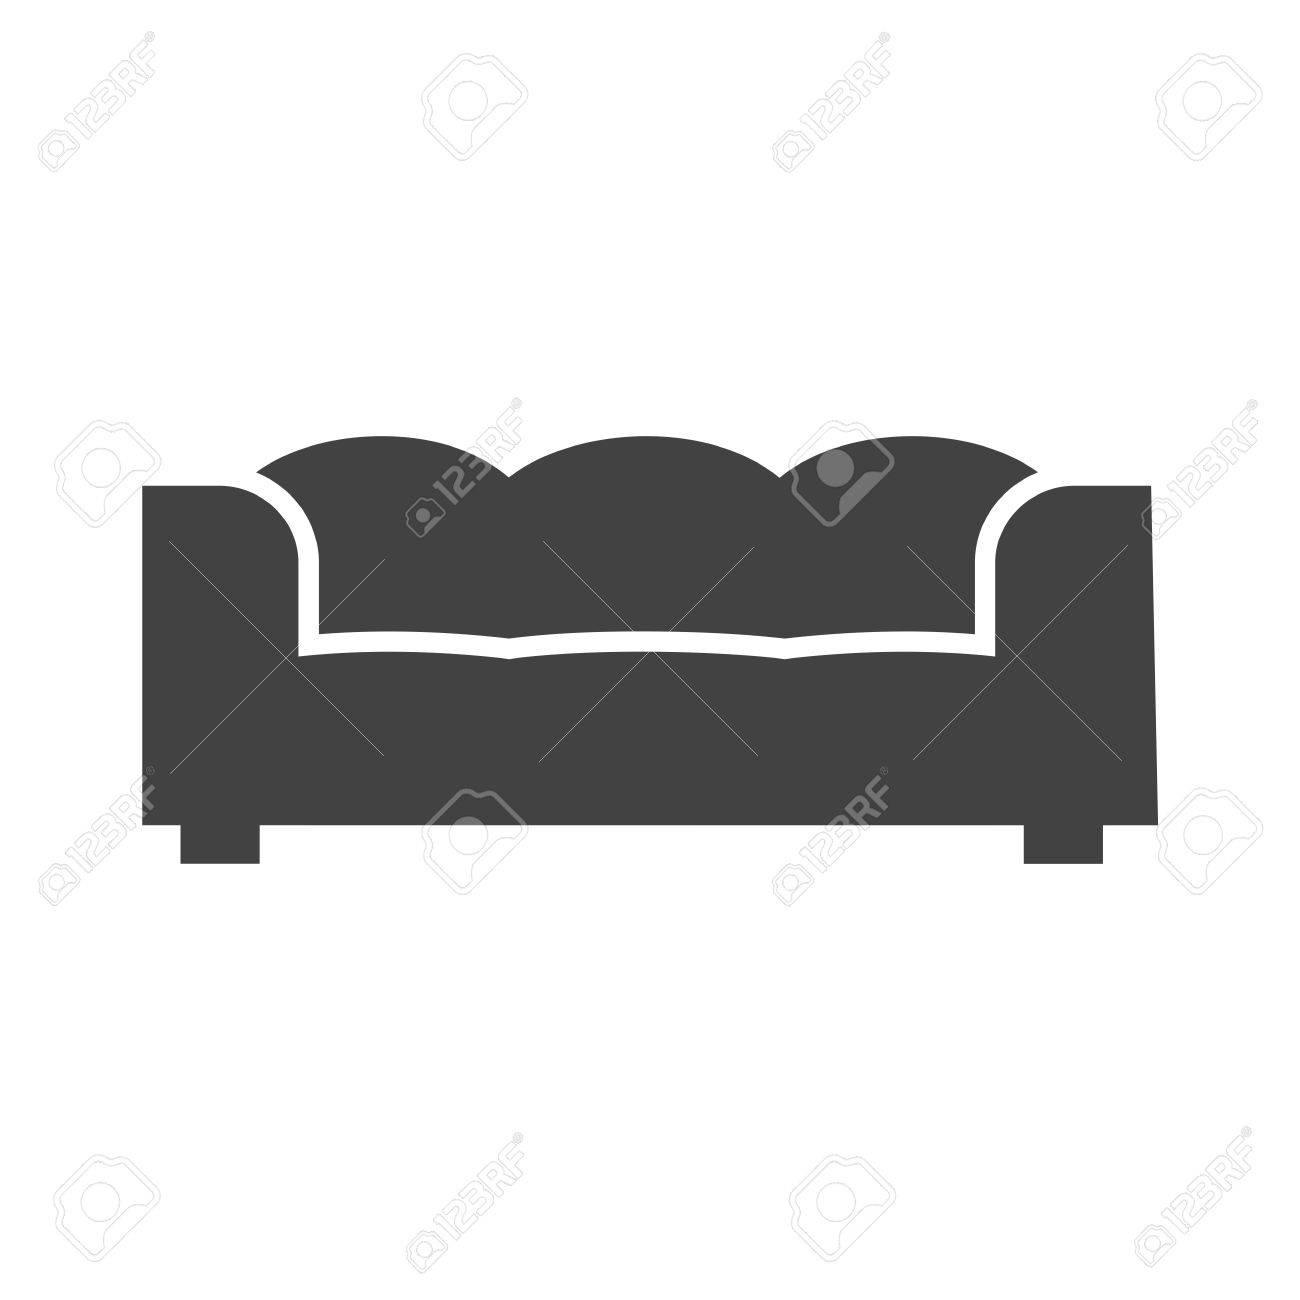 Modern Zuhause Interior Symbol Vektor Imagecan Auch Für Möbel